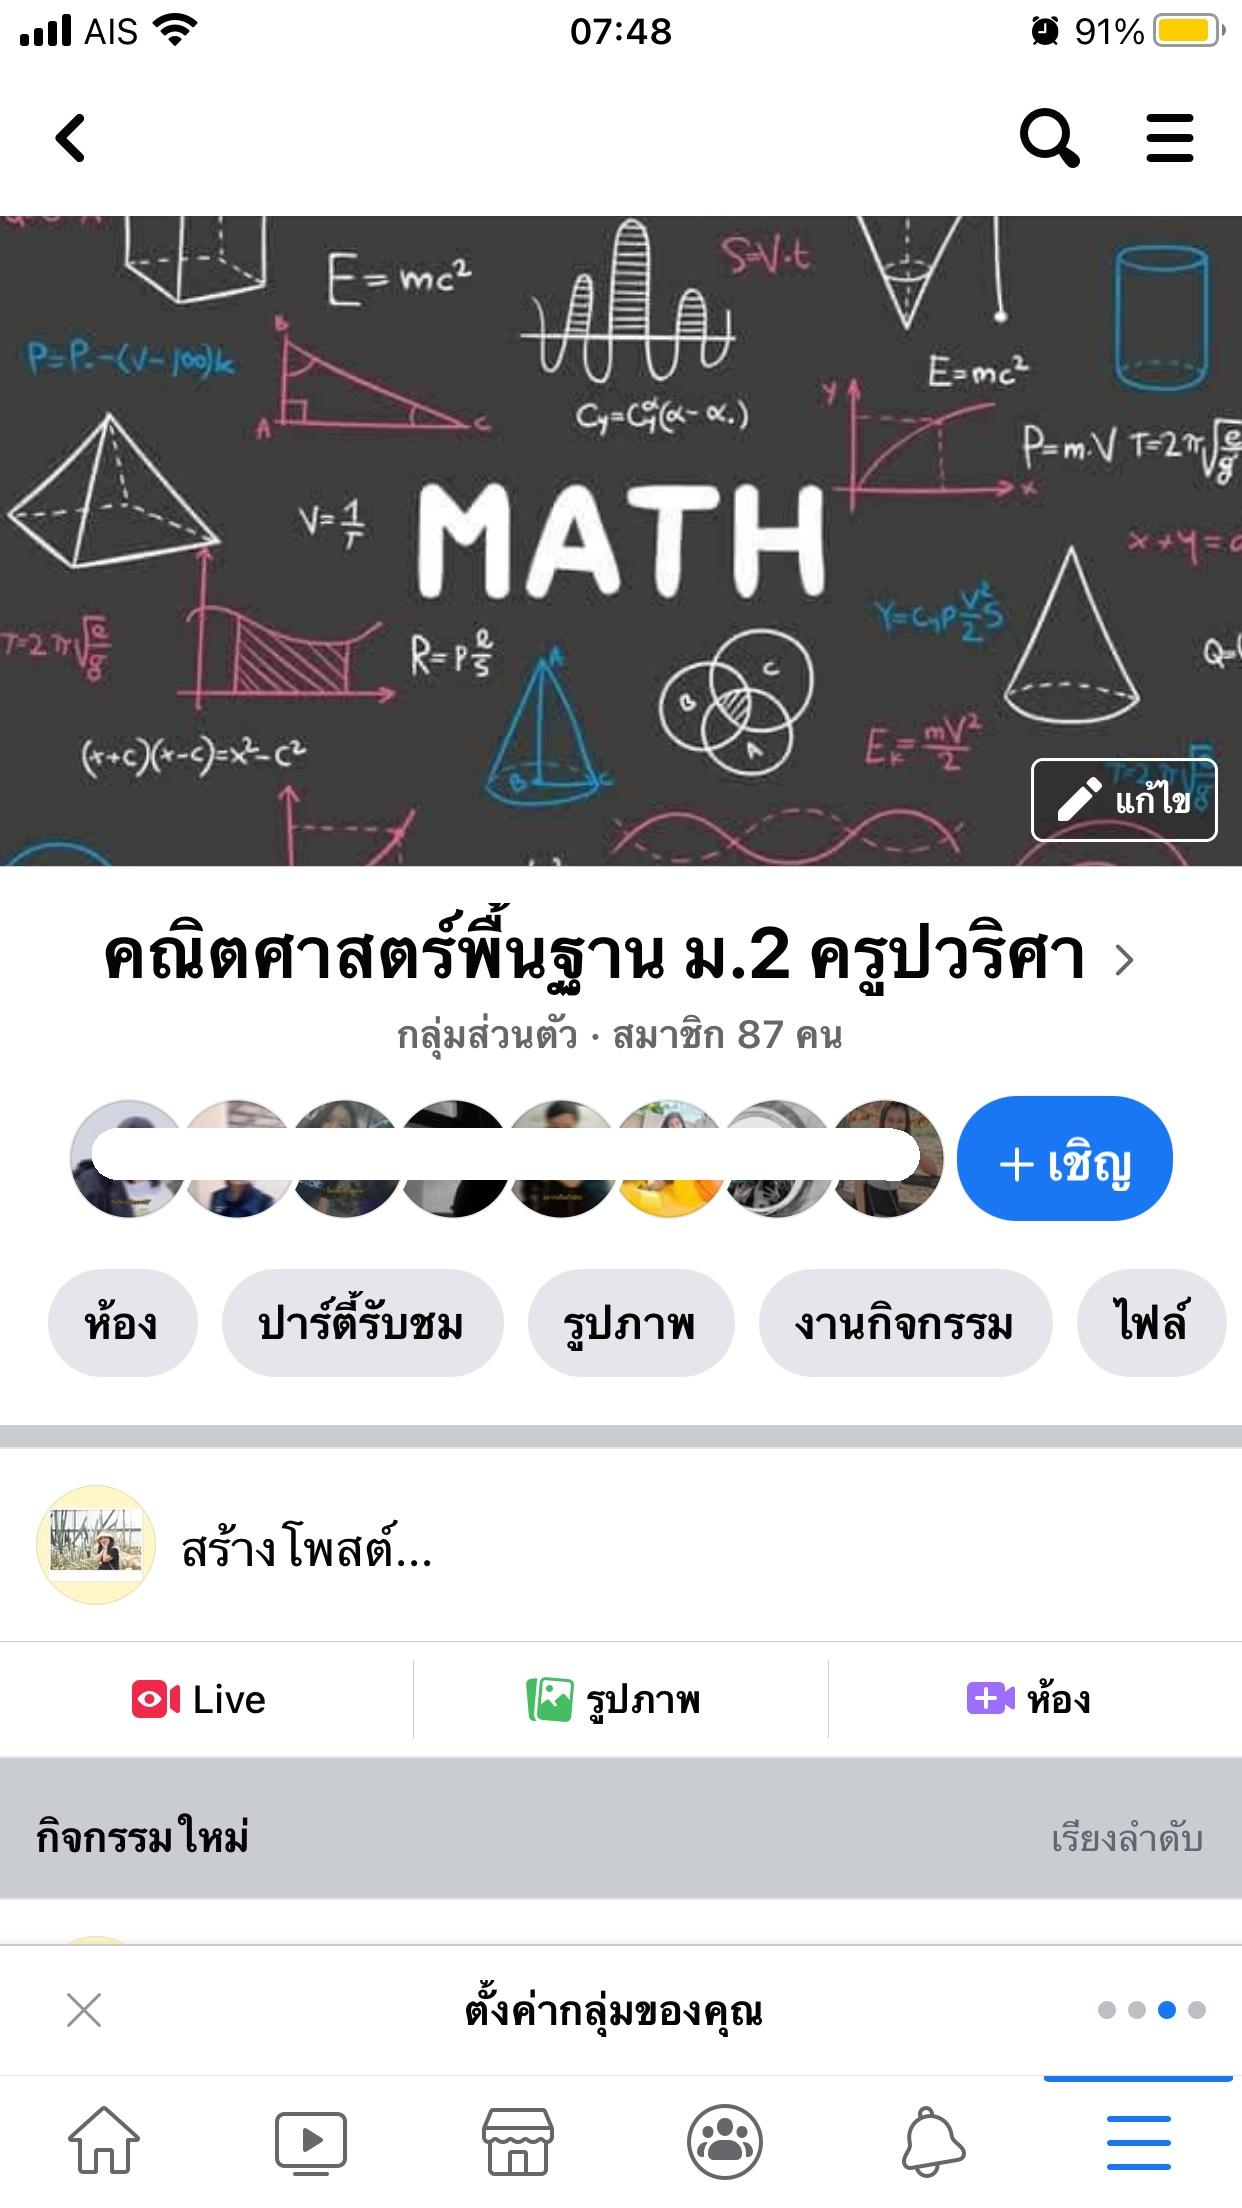 ภาพประกอบไอเดีย Facebook class room